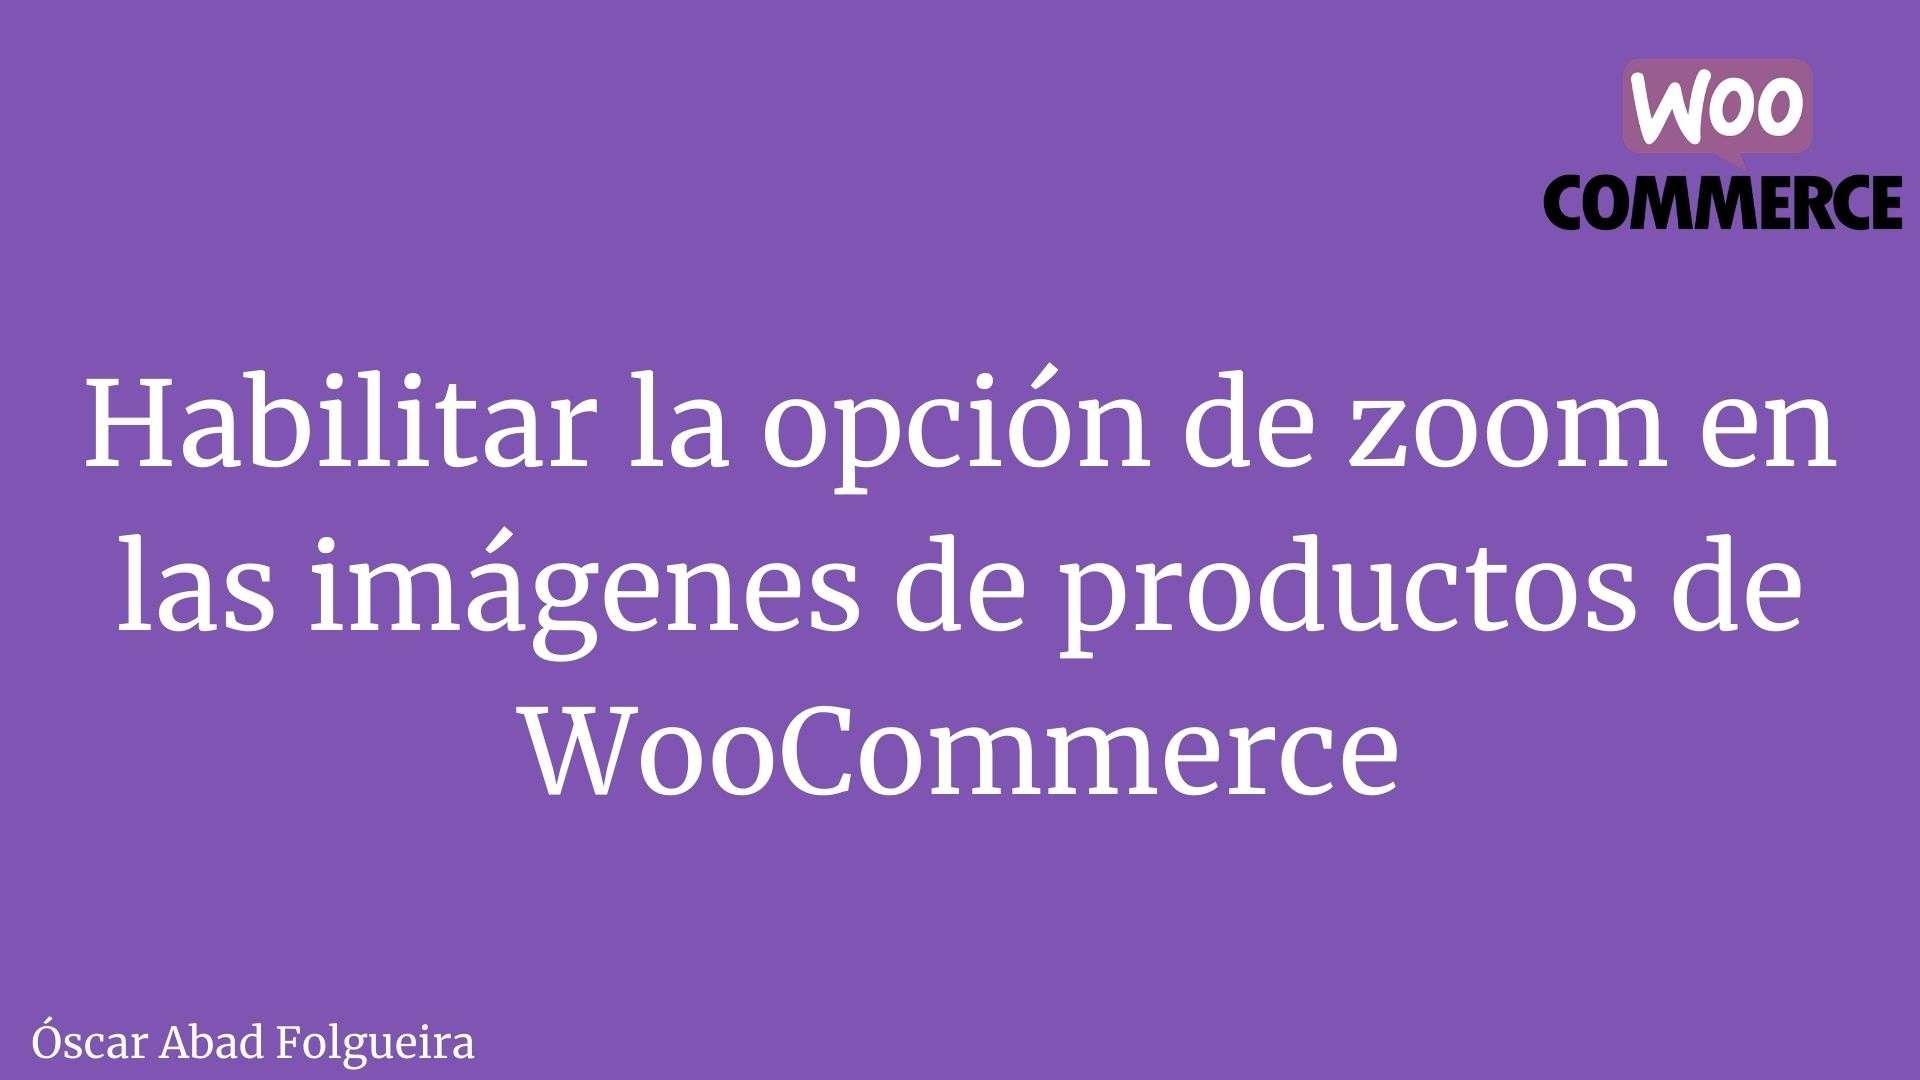 Habilitar la opcion de zoom en las imagenes de producto de WooCommerce